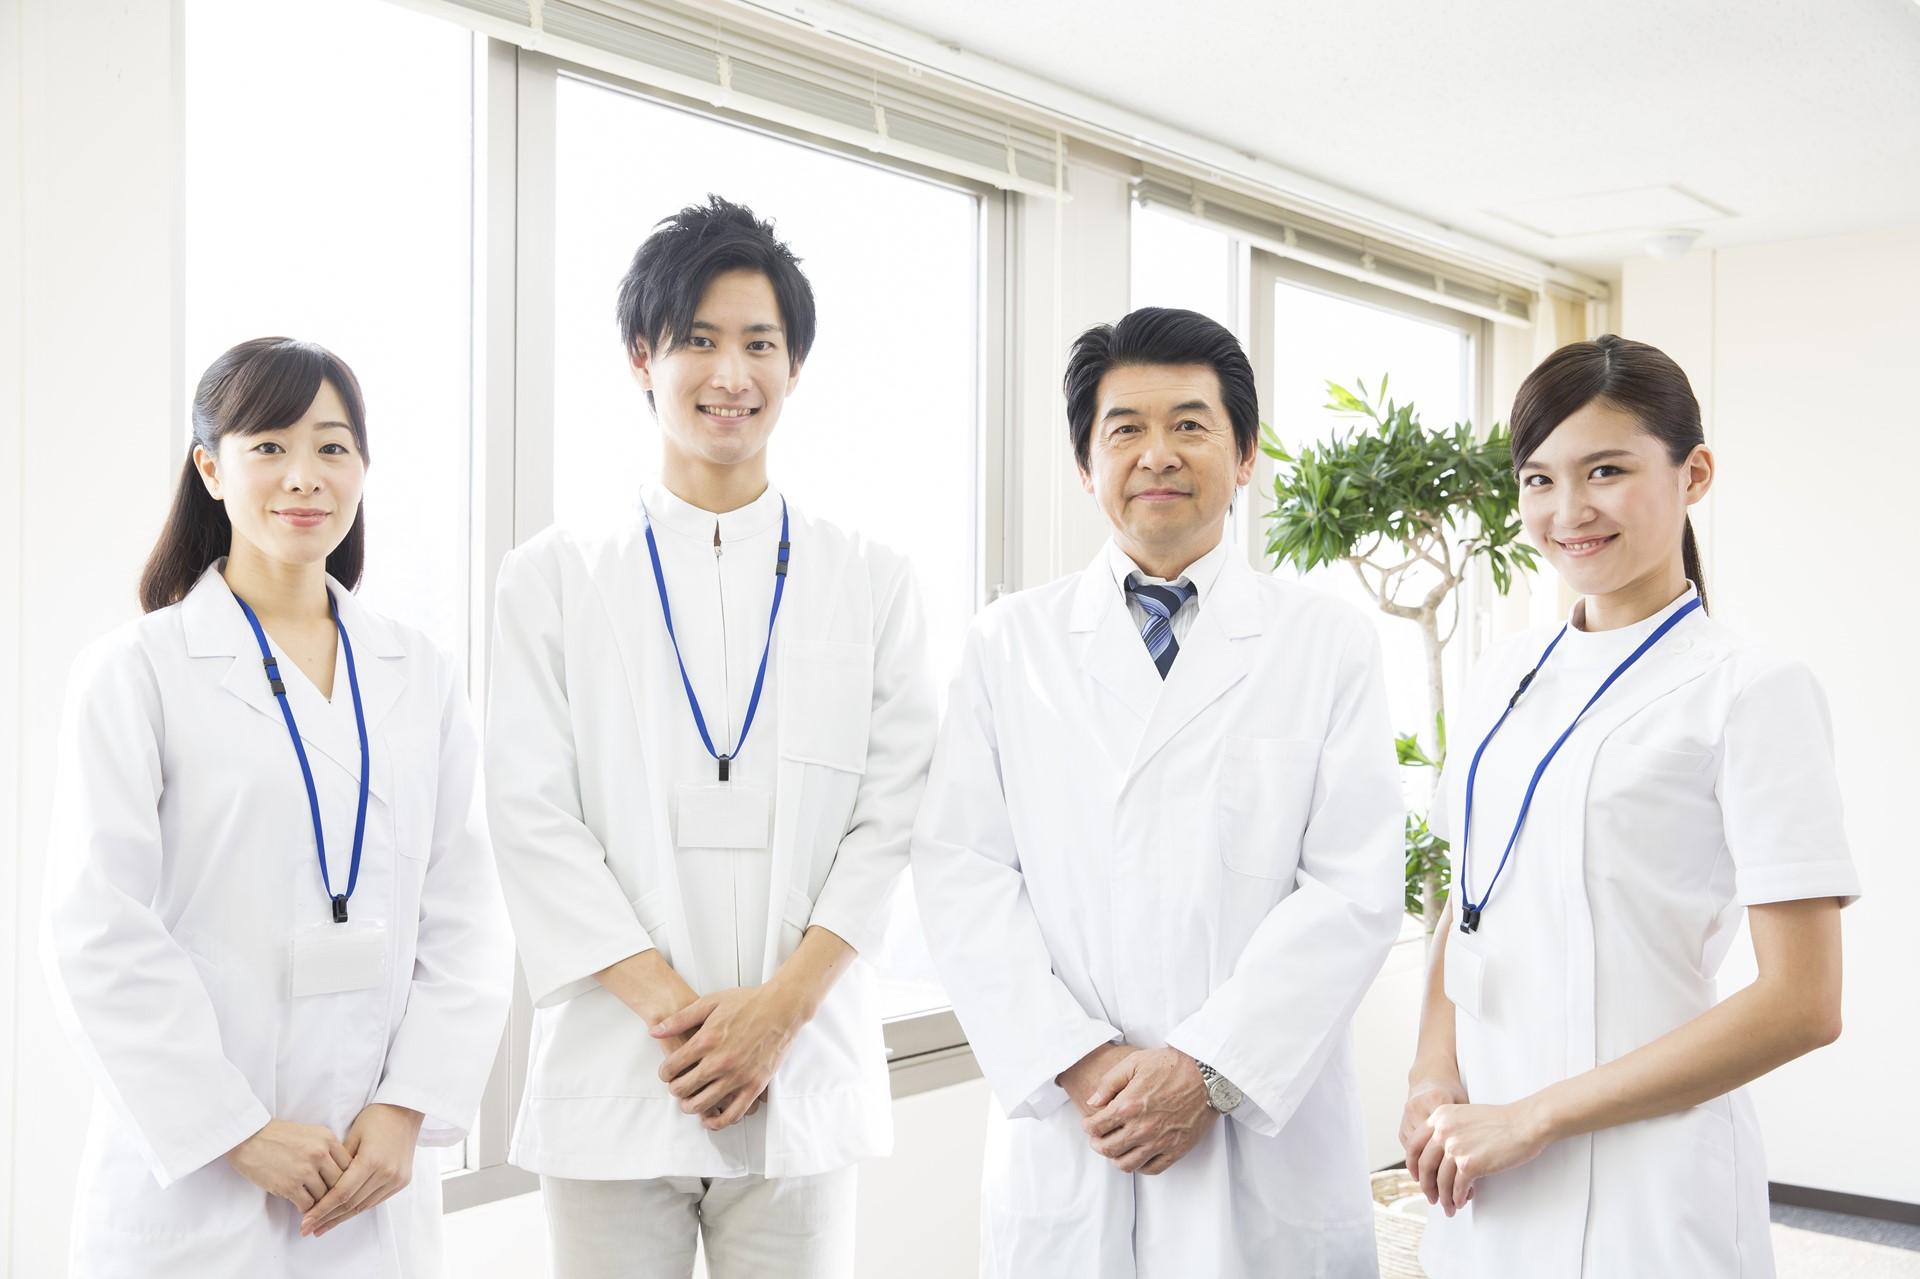 医院継承マッチング・トップ面談